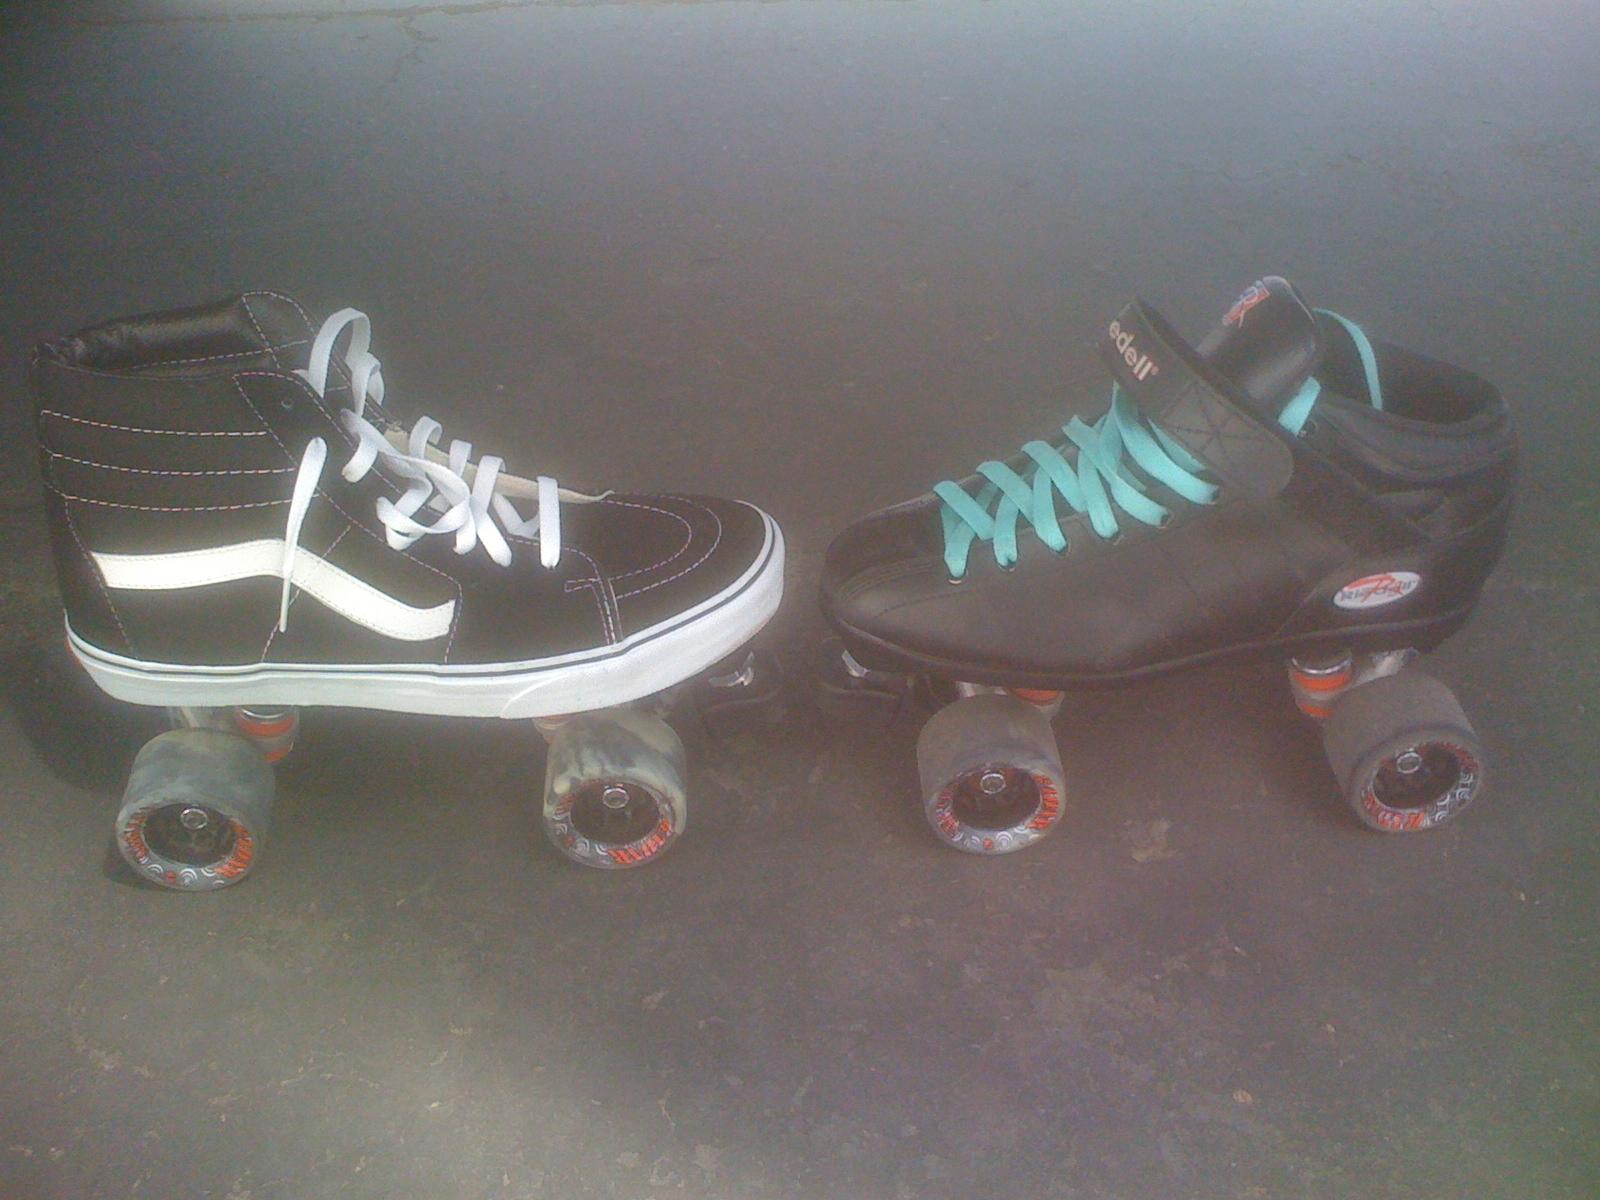 Roller skate shoes walmart - Roller Skate Shoes Walmart 57